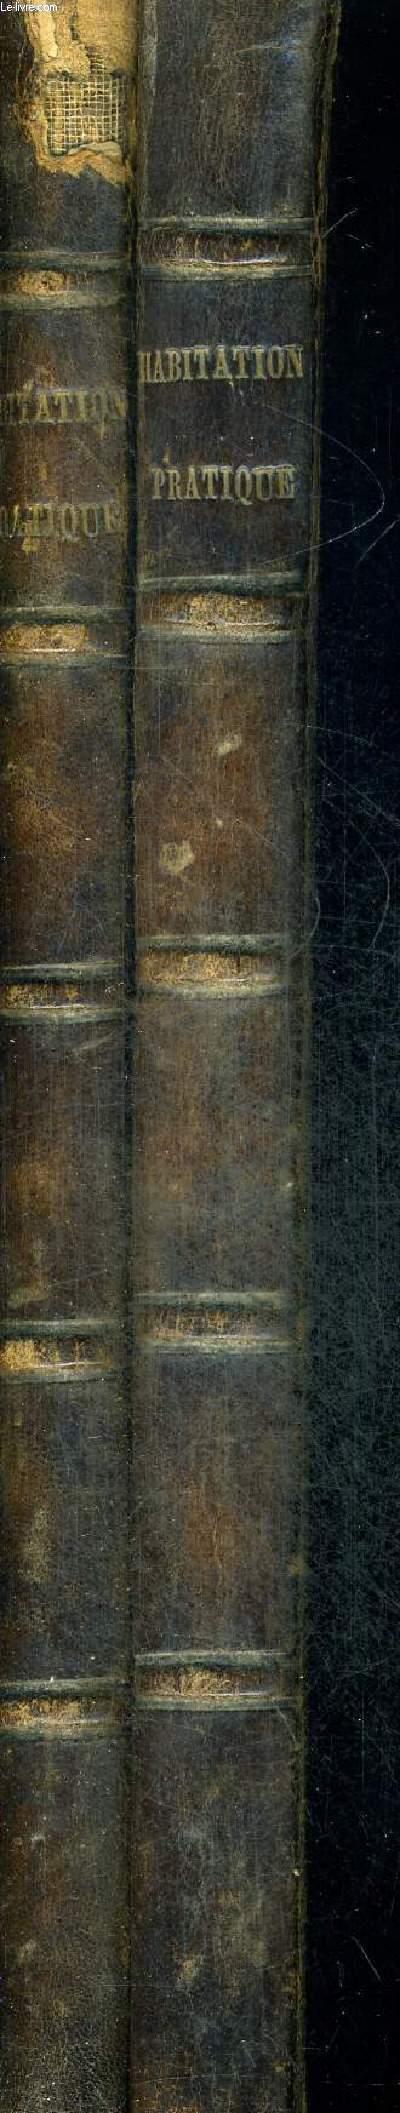 L'HABITATION PRATIQUE - JOURNAL MENSUEL D'ARCHITECTURE - 2 VOLUMES